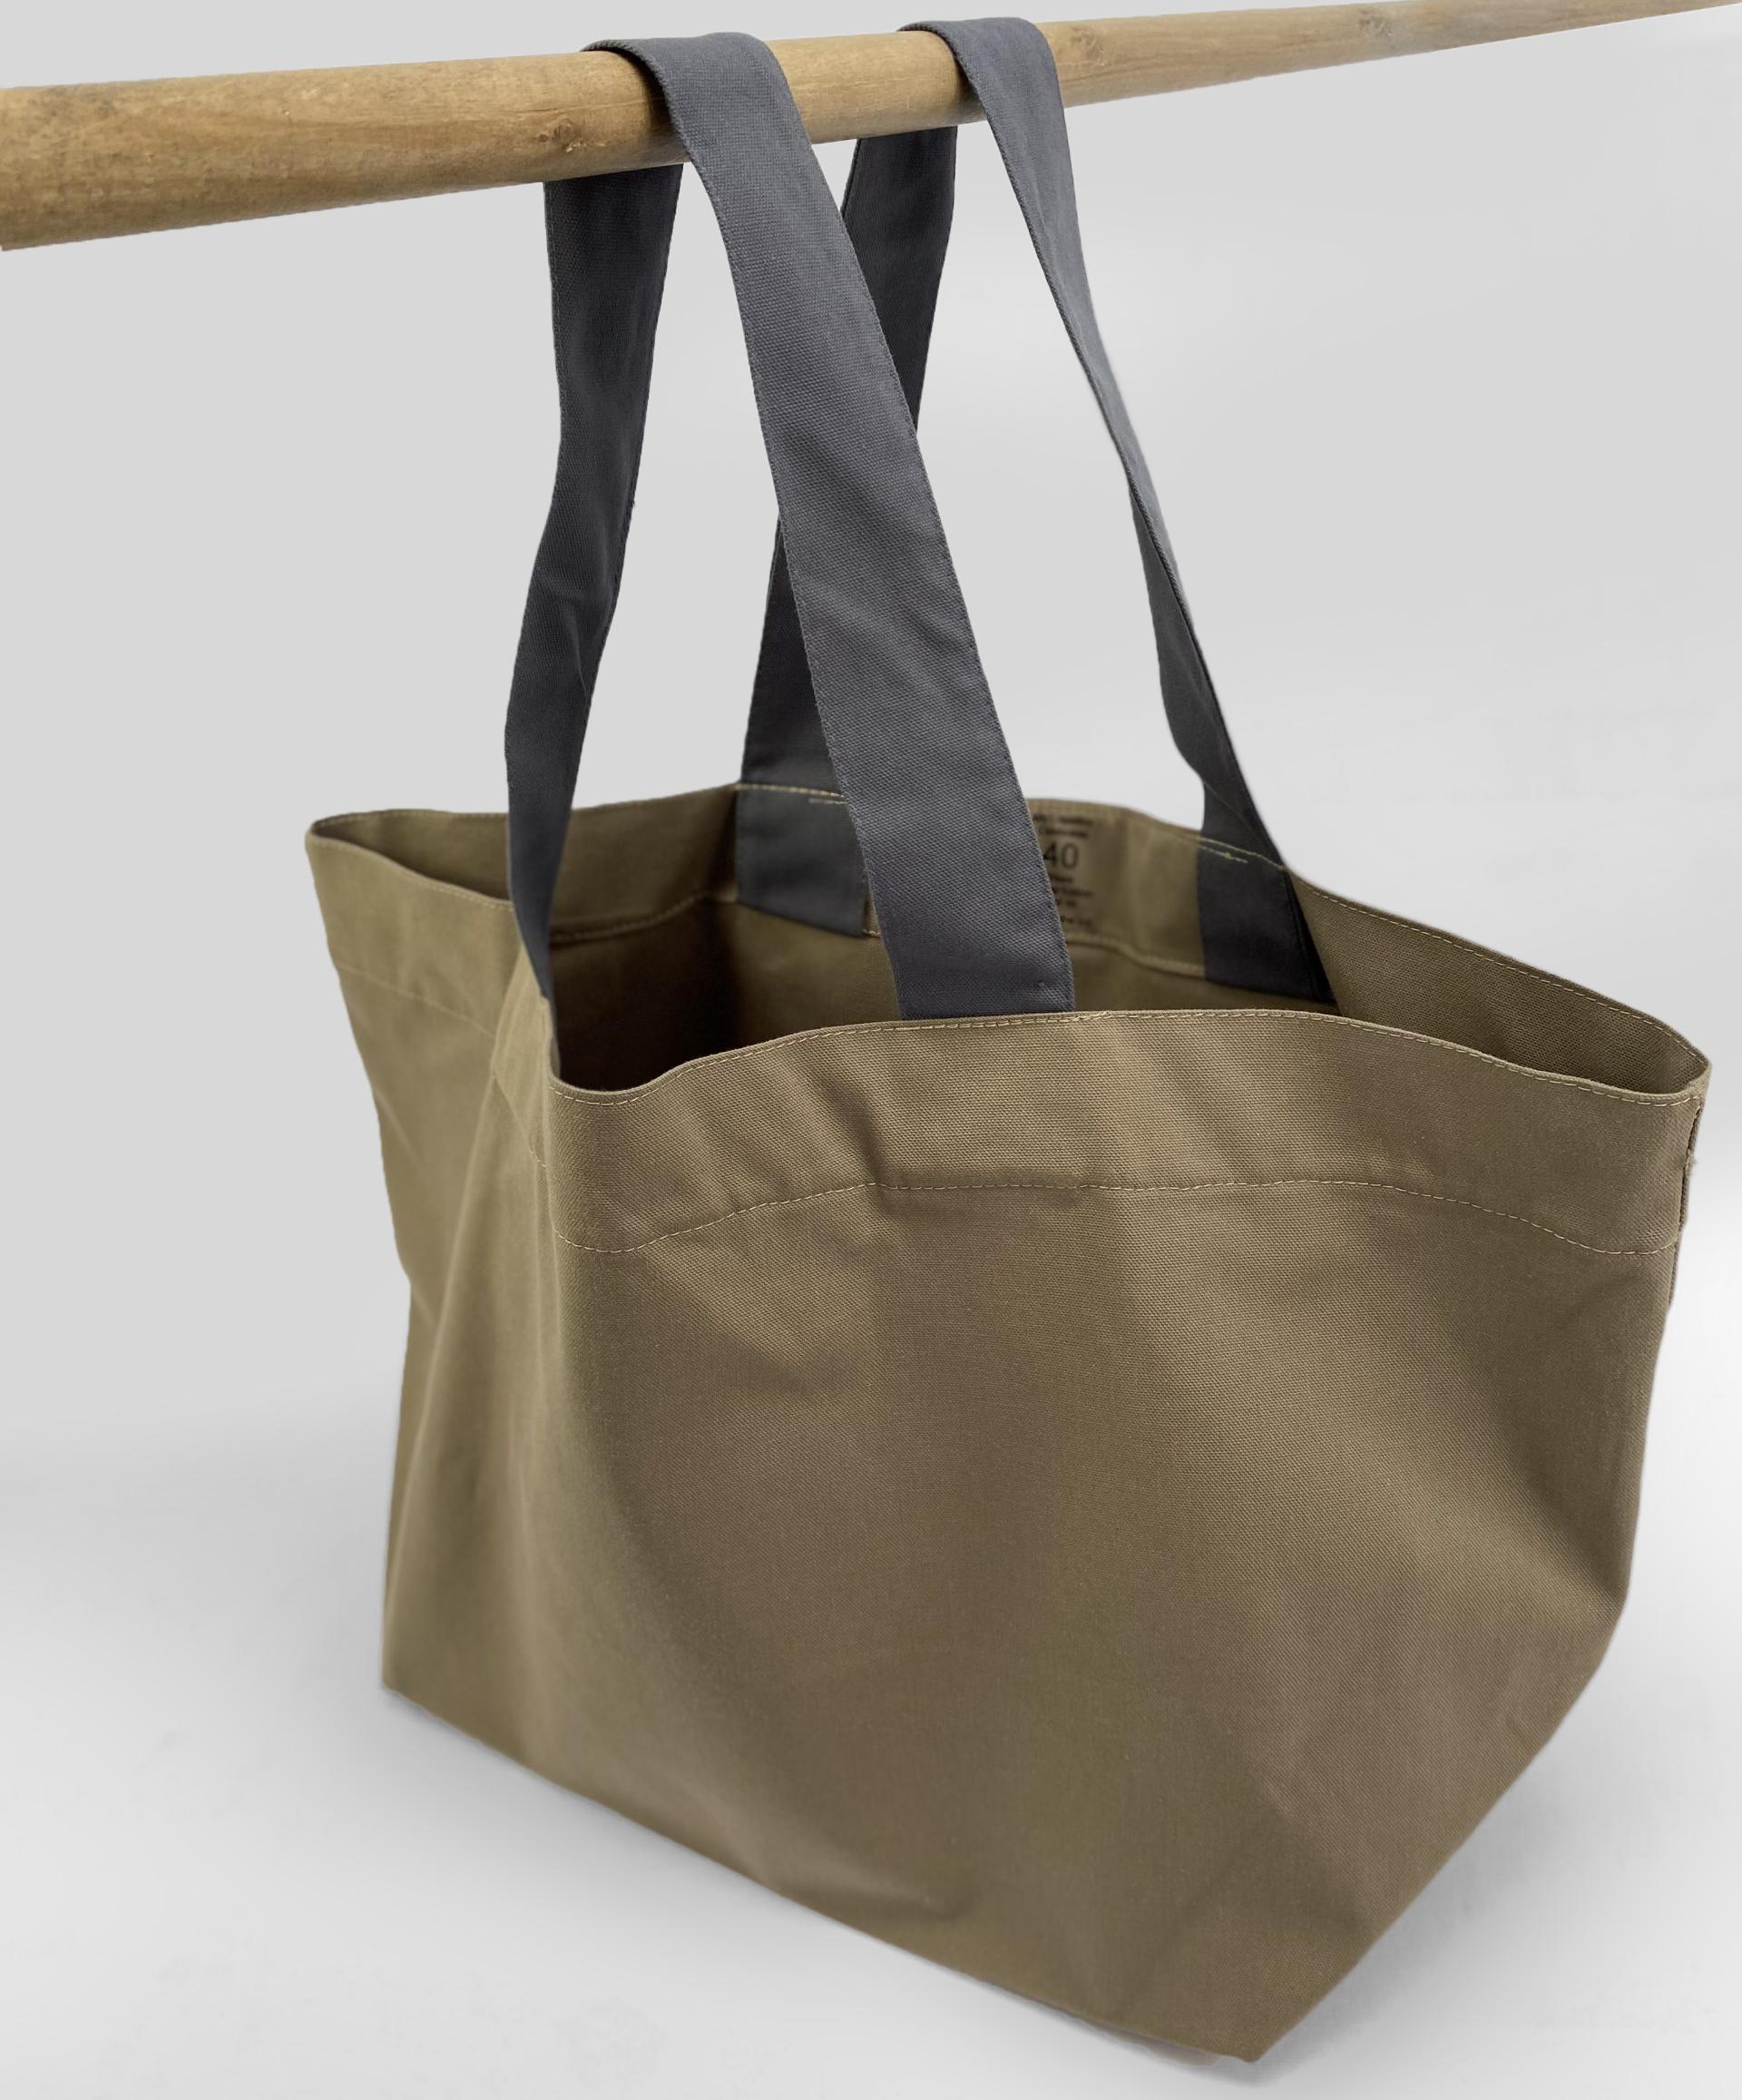 Panama tote bag for Ally Capellino bu